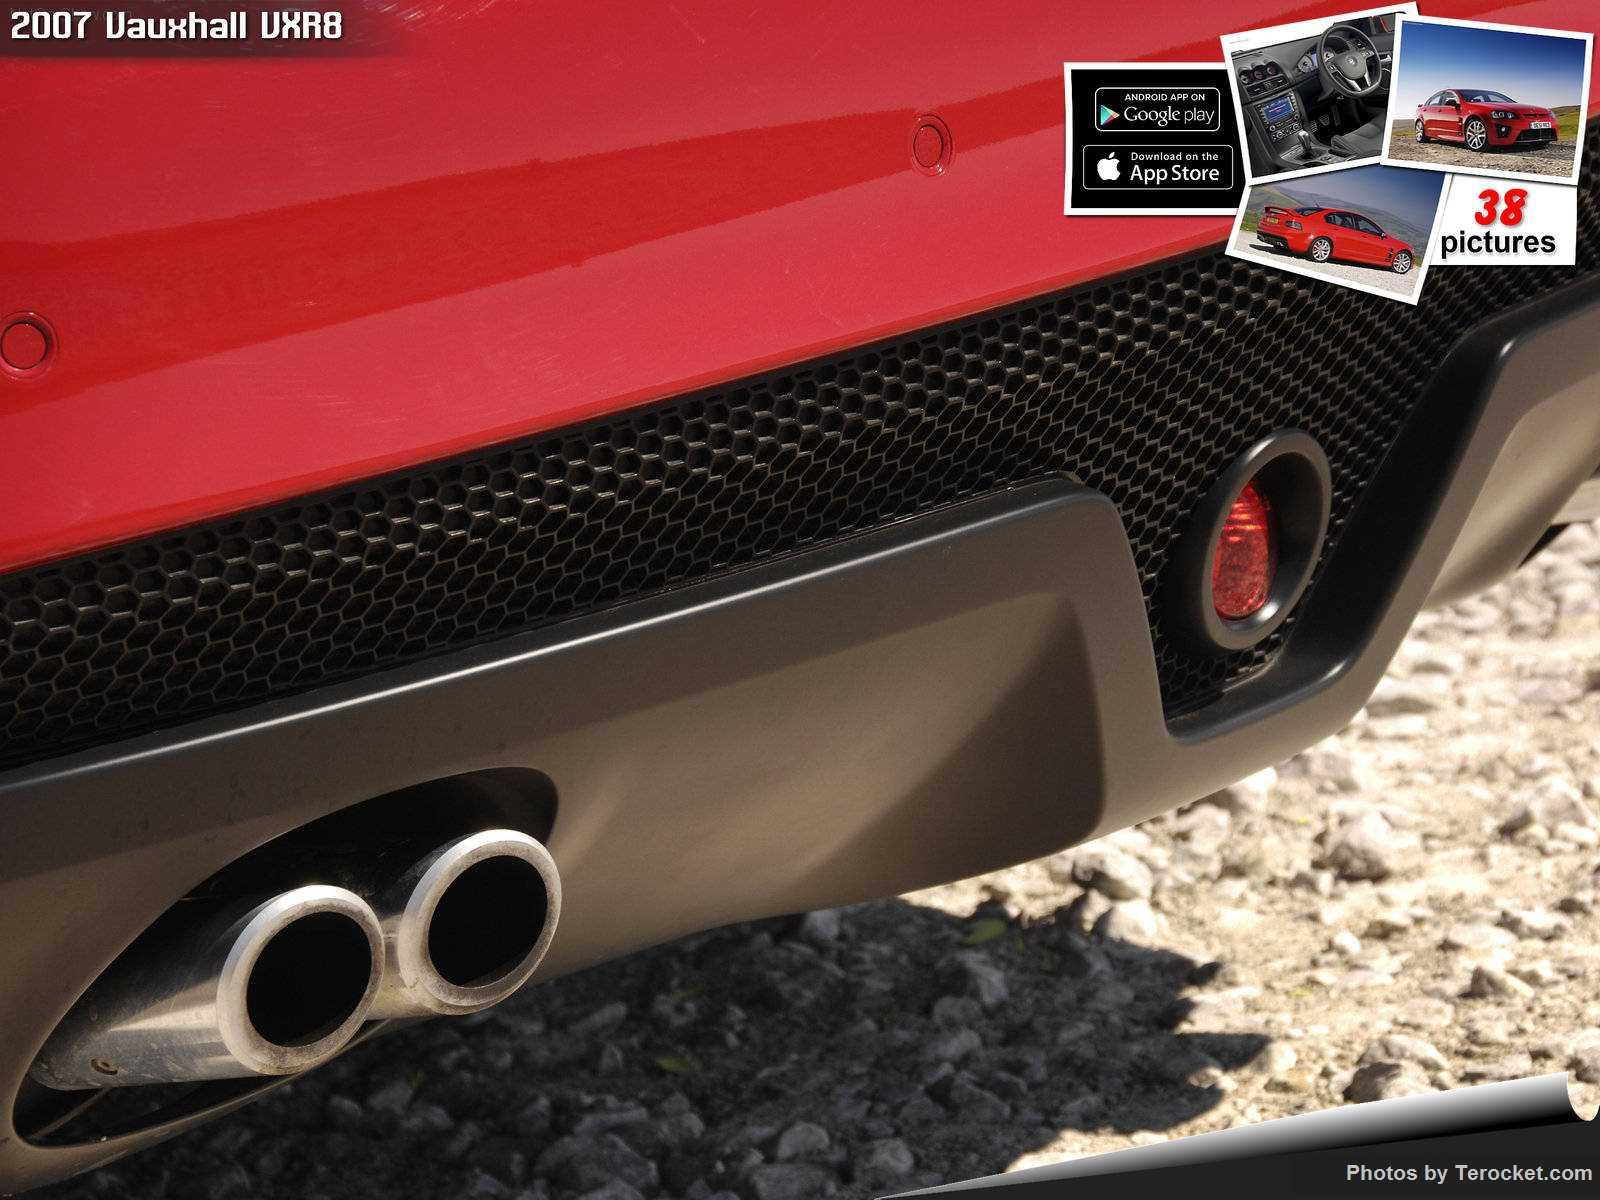 Hình ảnh xe ô tô Vauxhall VXR8 2007 & nội ngoại thất